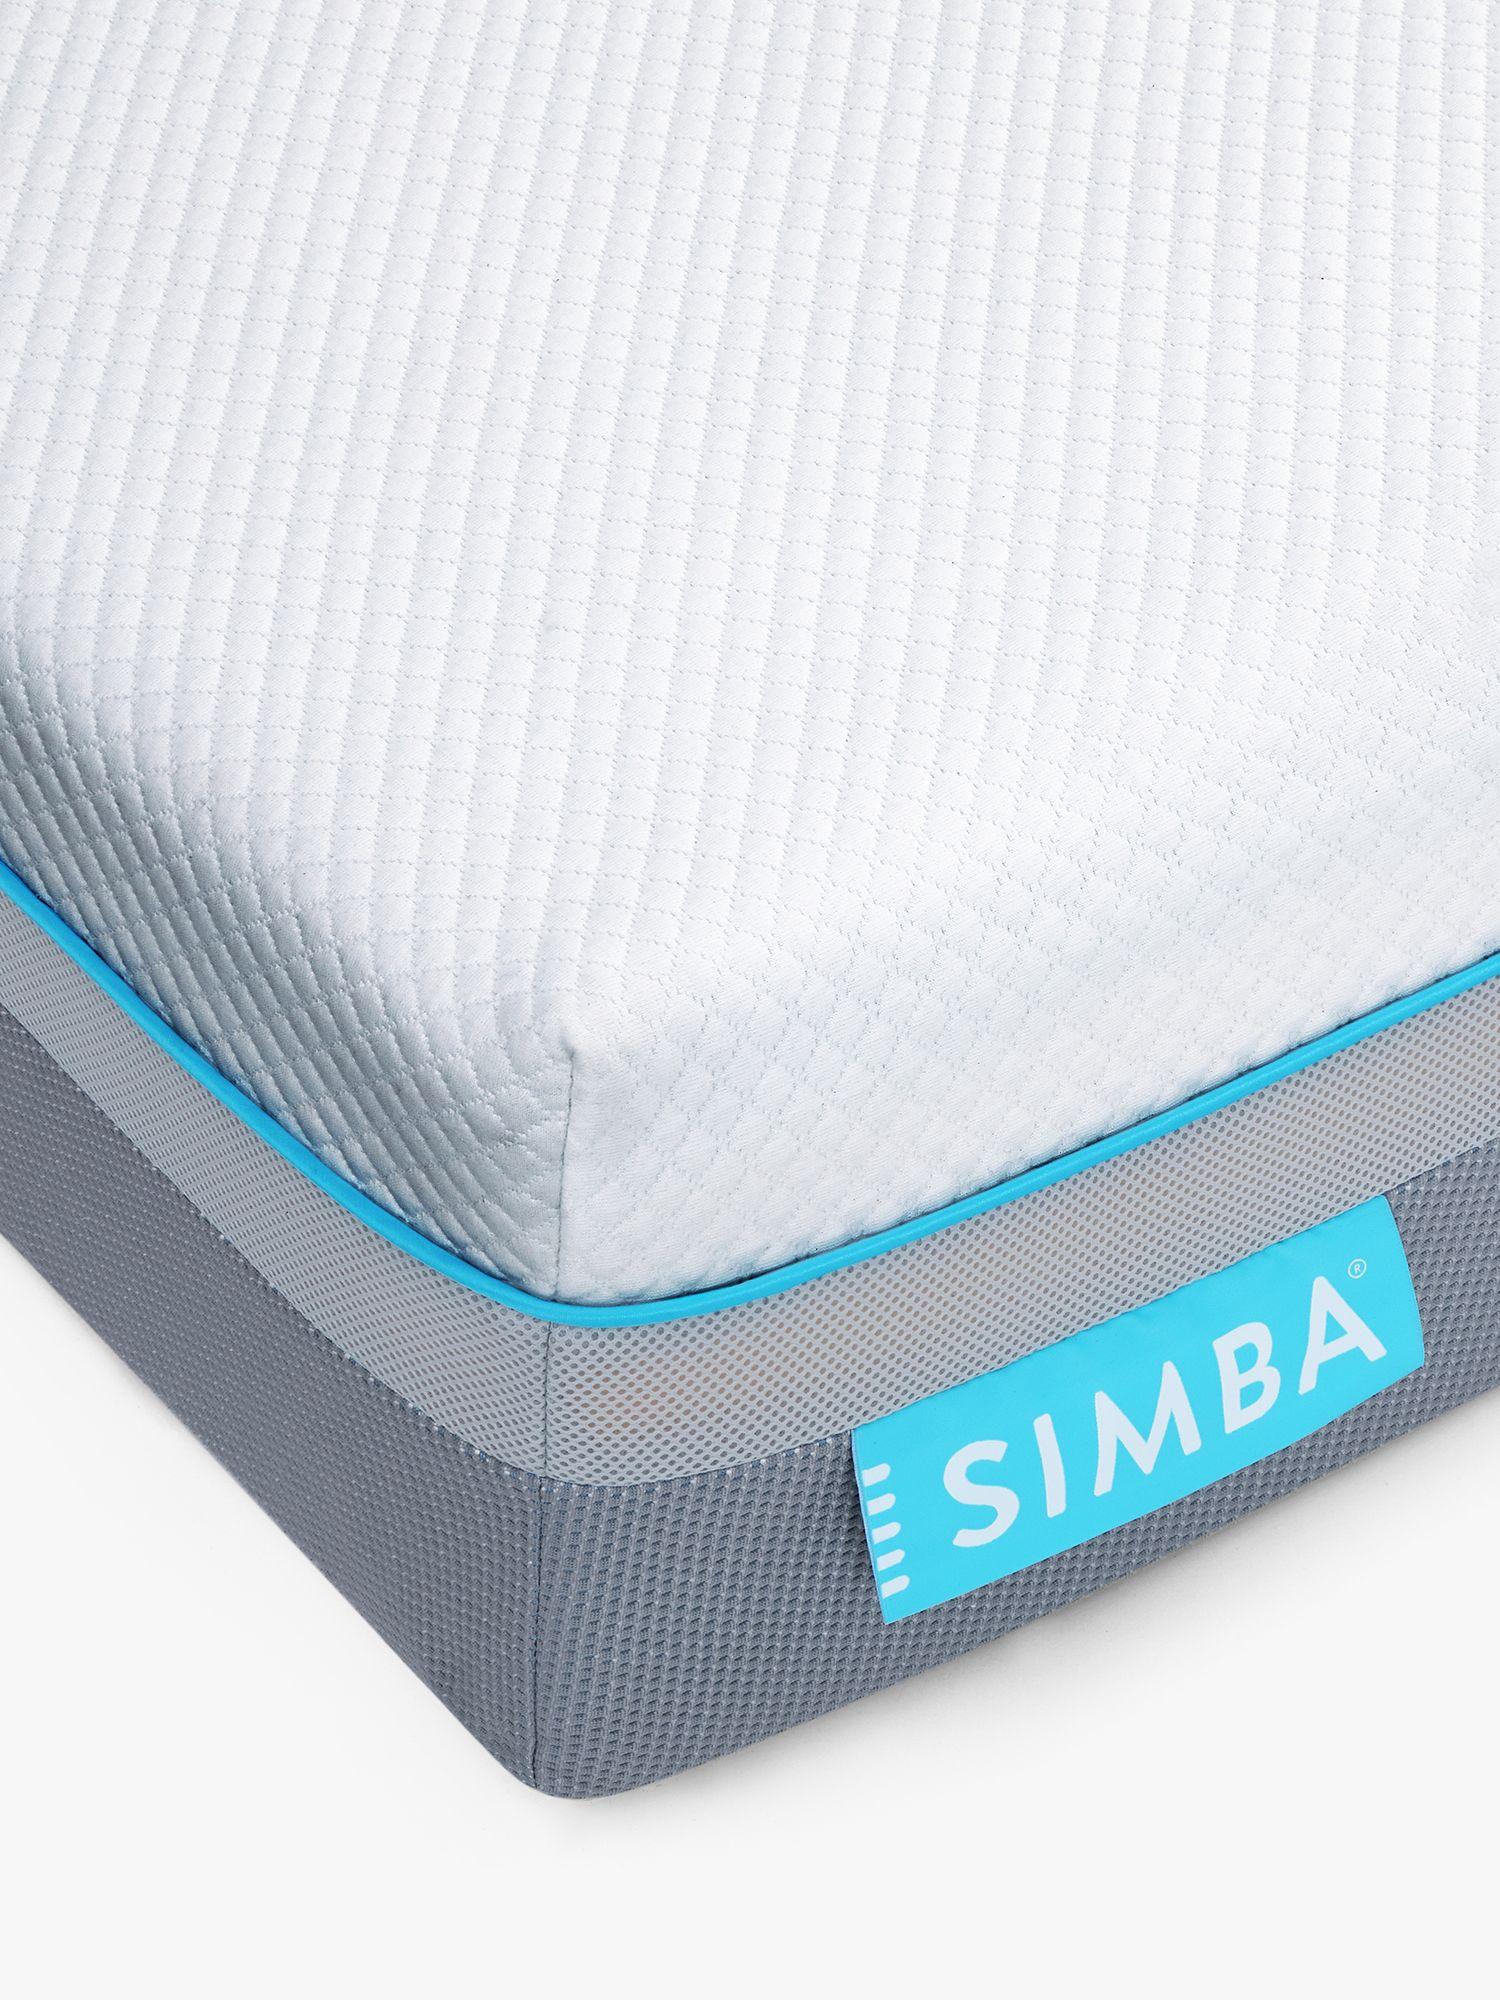 Simba Simba Hybrid® Air Cool Pocket Spring Memory Foam Mattress, Medium Tension, King Size